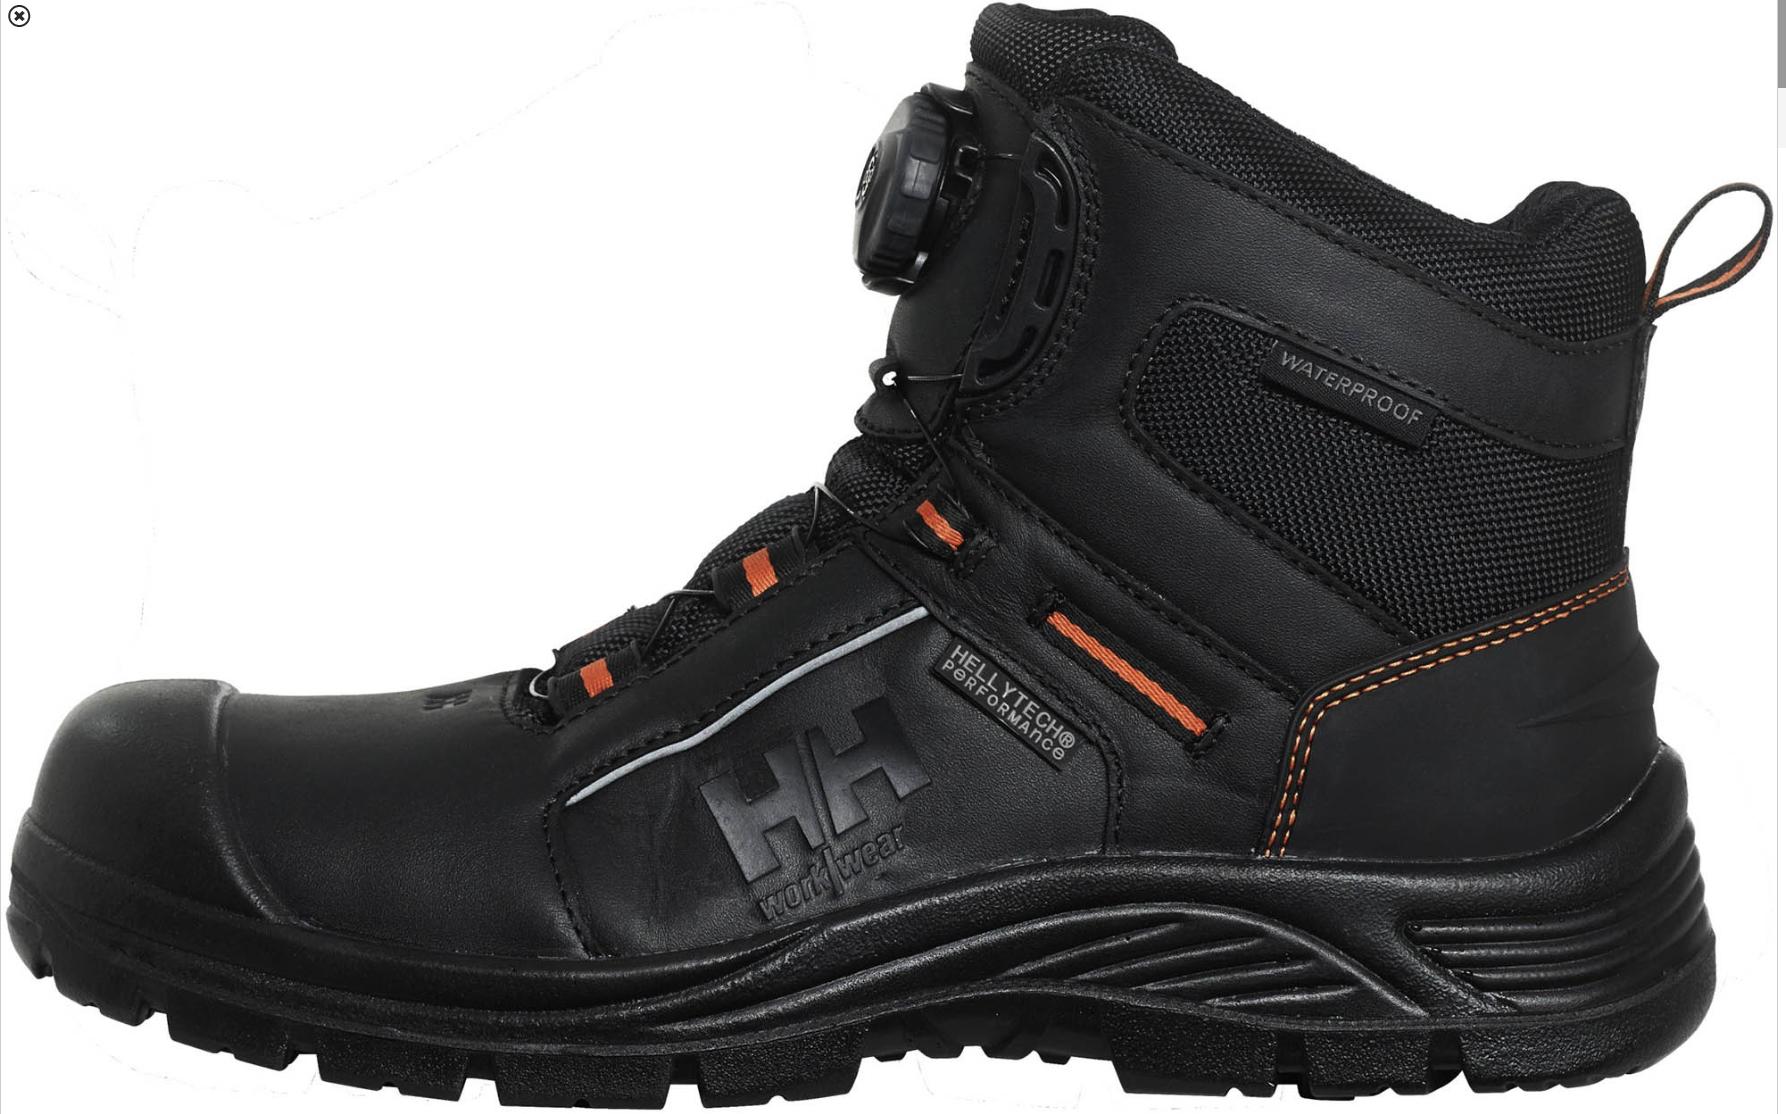 Helly Hansen 78259 Alna Boa Mid Ht Ww Boots, Combat